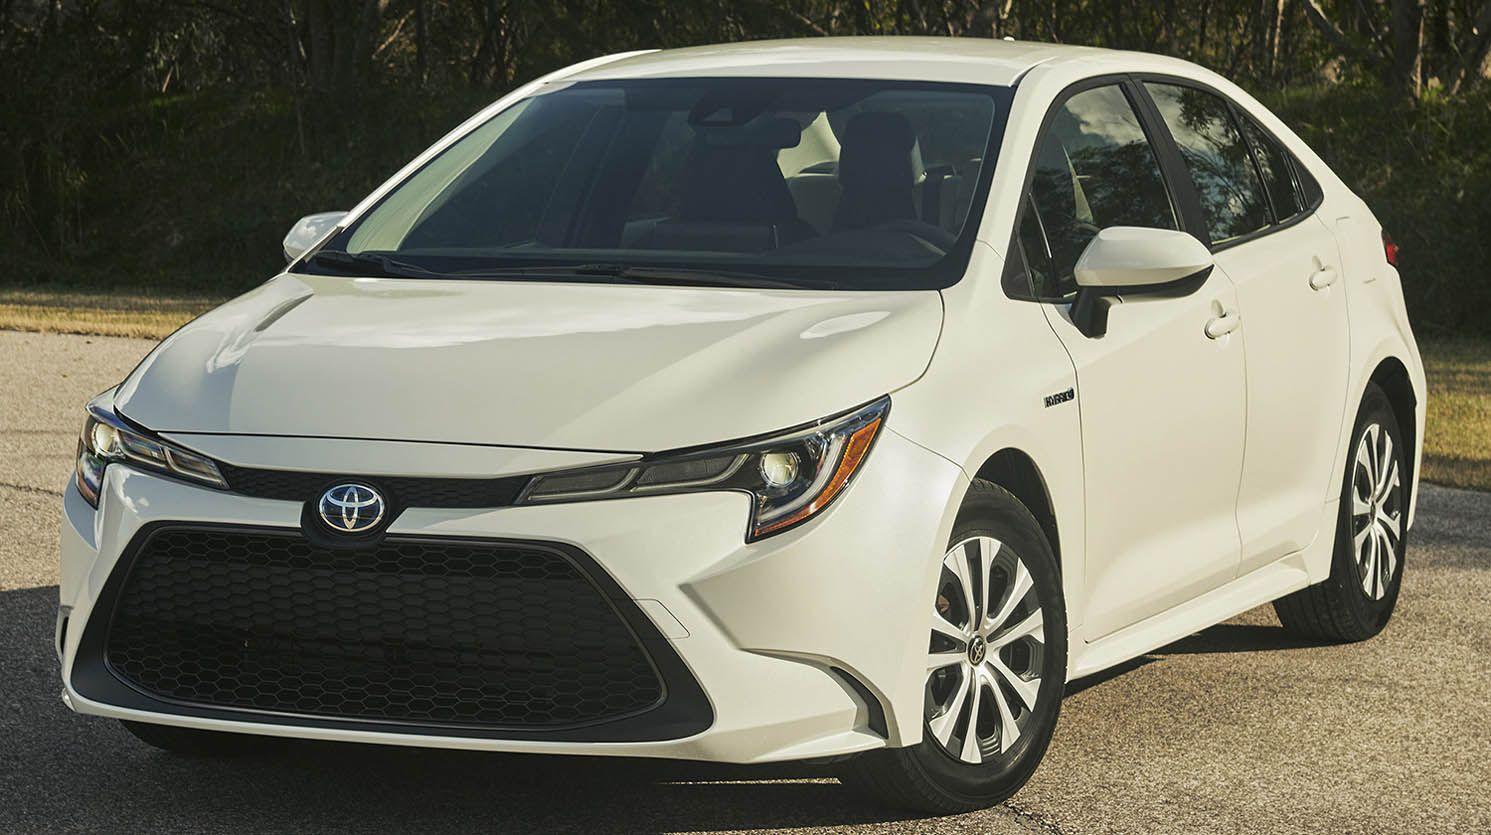 تويوتا كورولا سيدان هايبرد 2020 اشهر السيارات في التاريخ تحظى بالنظام الدفع الهجين موقع ويلز Toyota Corolla Sedan Toyota